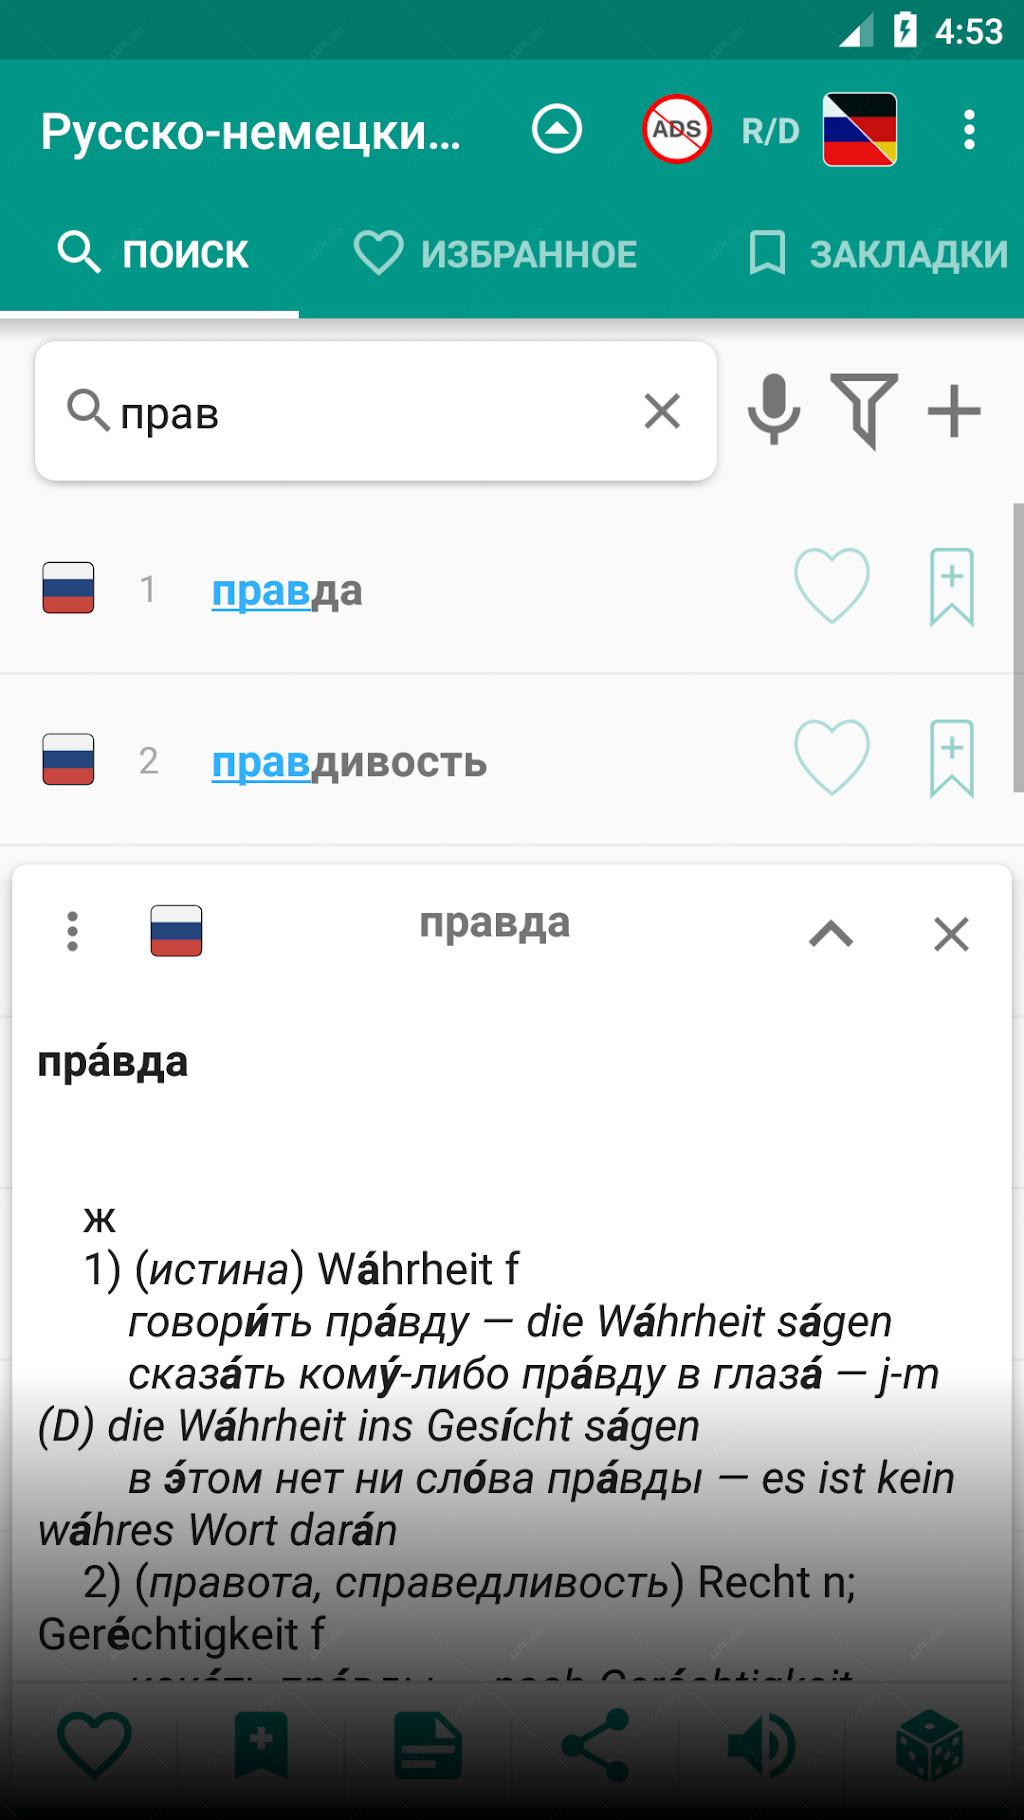 Переводчик немецко-русский скачать на андроид.